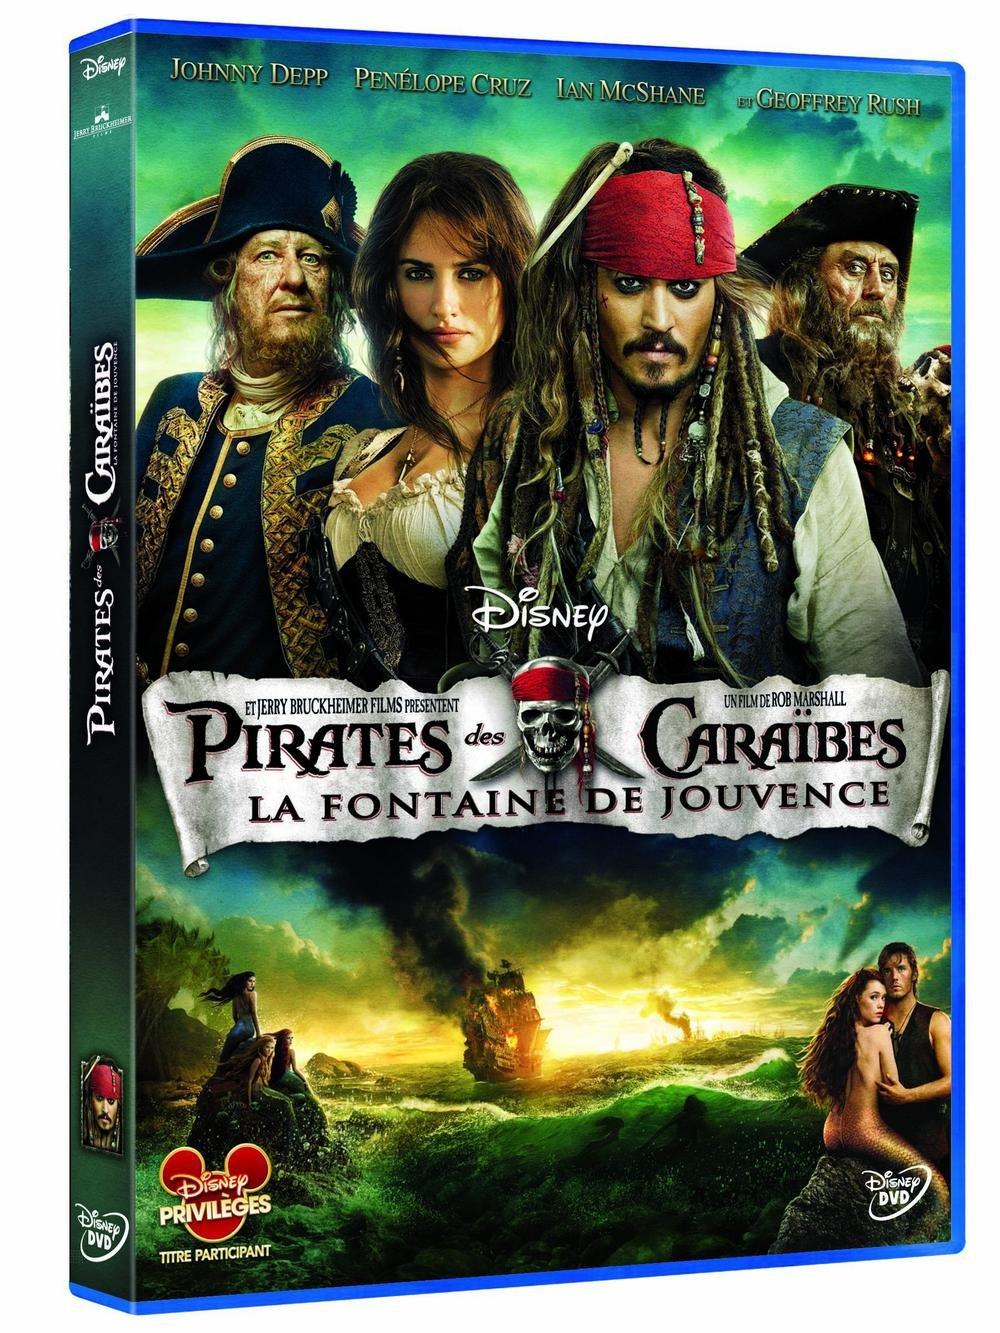 Pirates des Caraïbes 4 : La Fontaine de Jouvence / Rob Marshall, Réal. | Marshall, Rob. Monteur